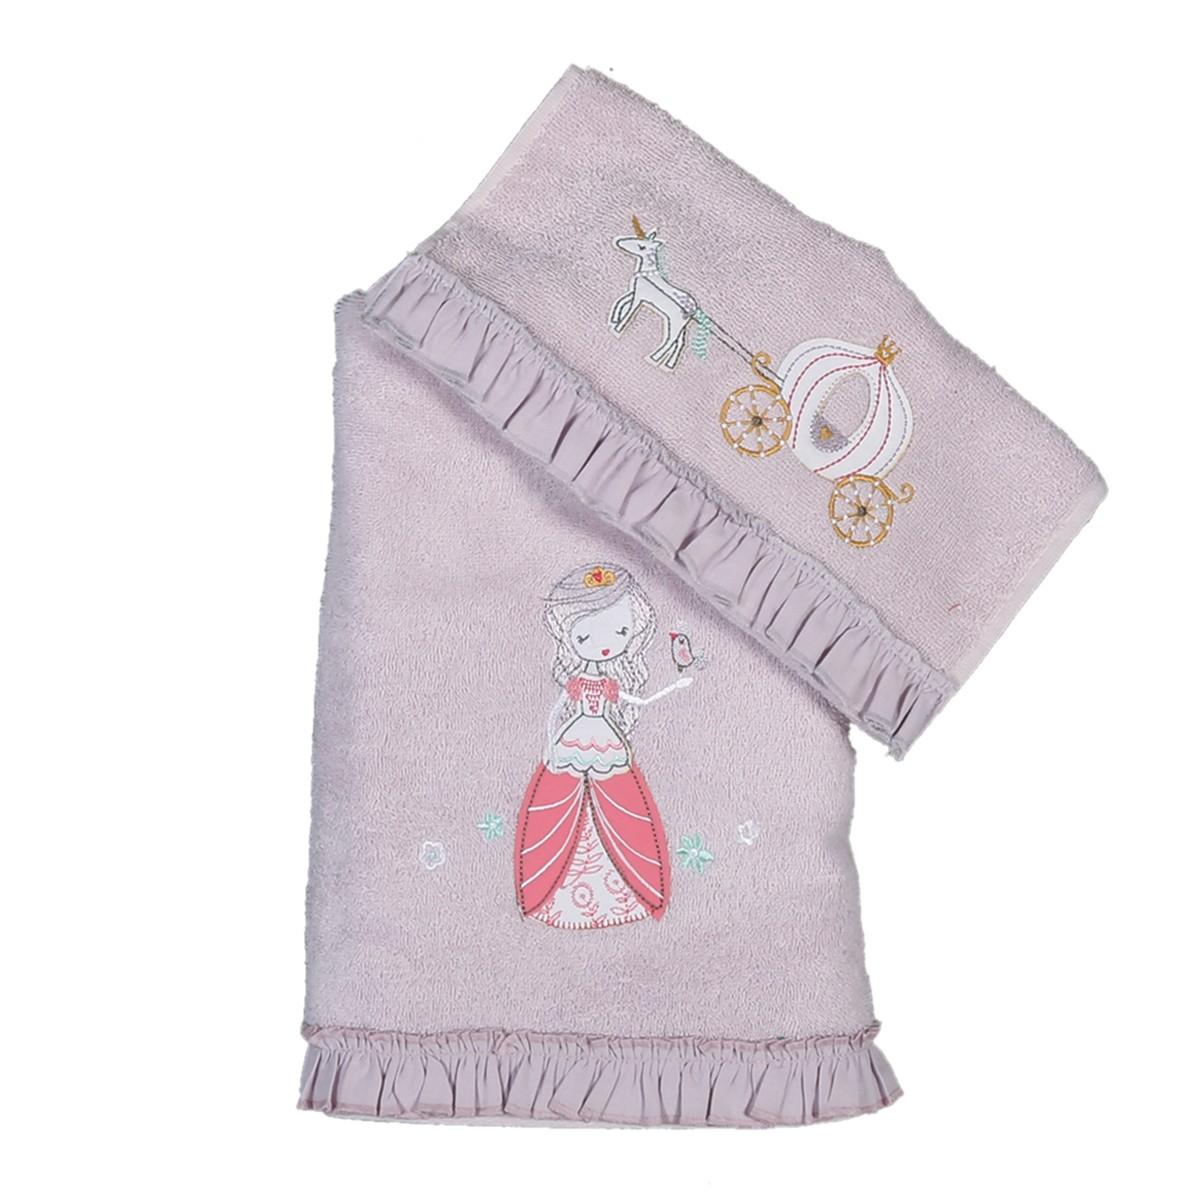 Παιδικές Πετσέτες (Σετ 2τμχ) Nef-Nef Junior Charm Princess